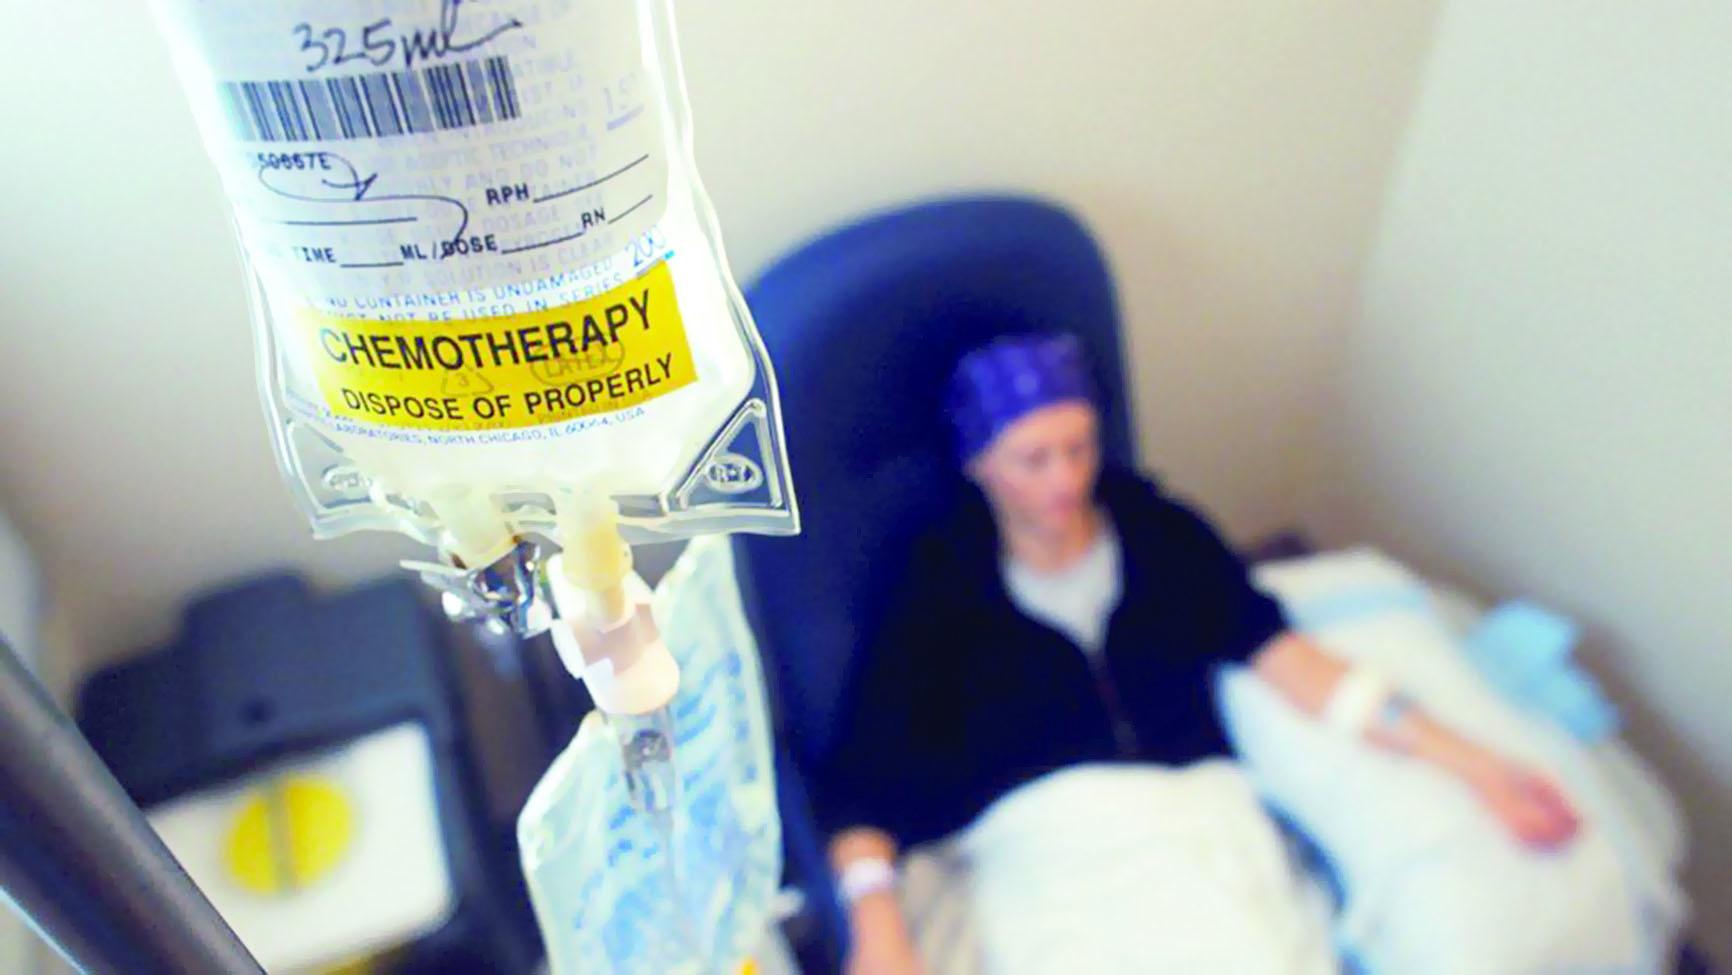 السمنة ستصبح المسبب الأول لإصابة النساء بالسرطان